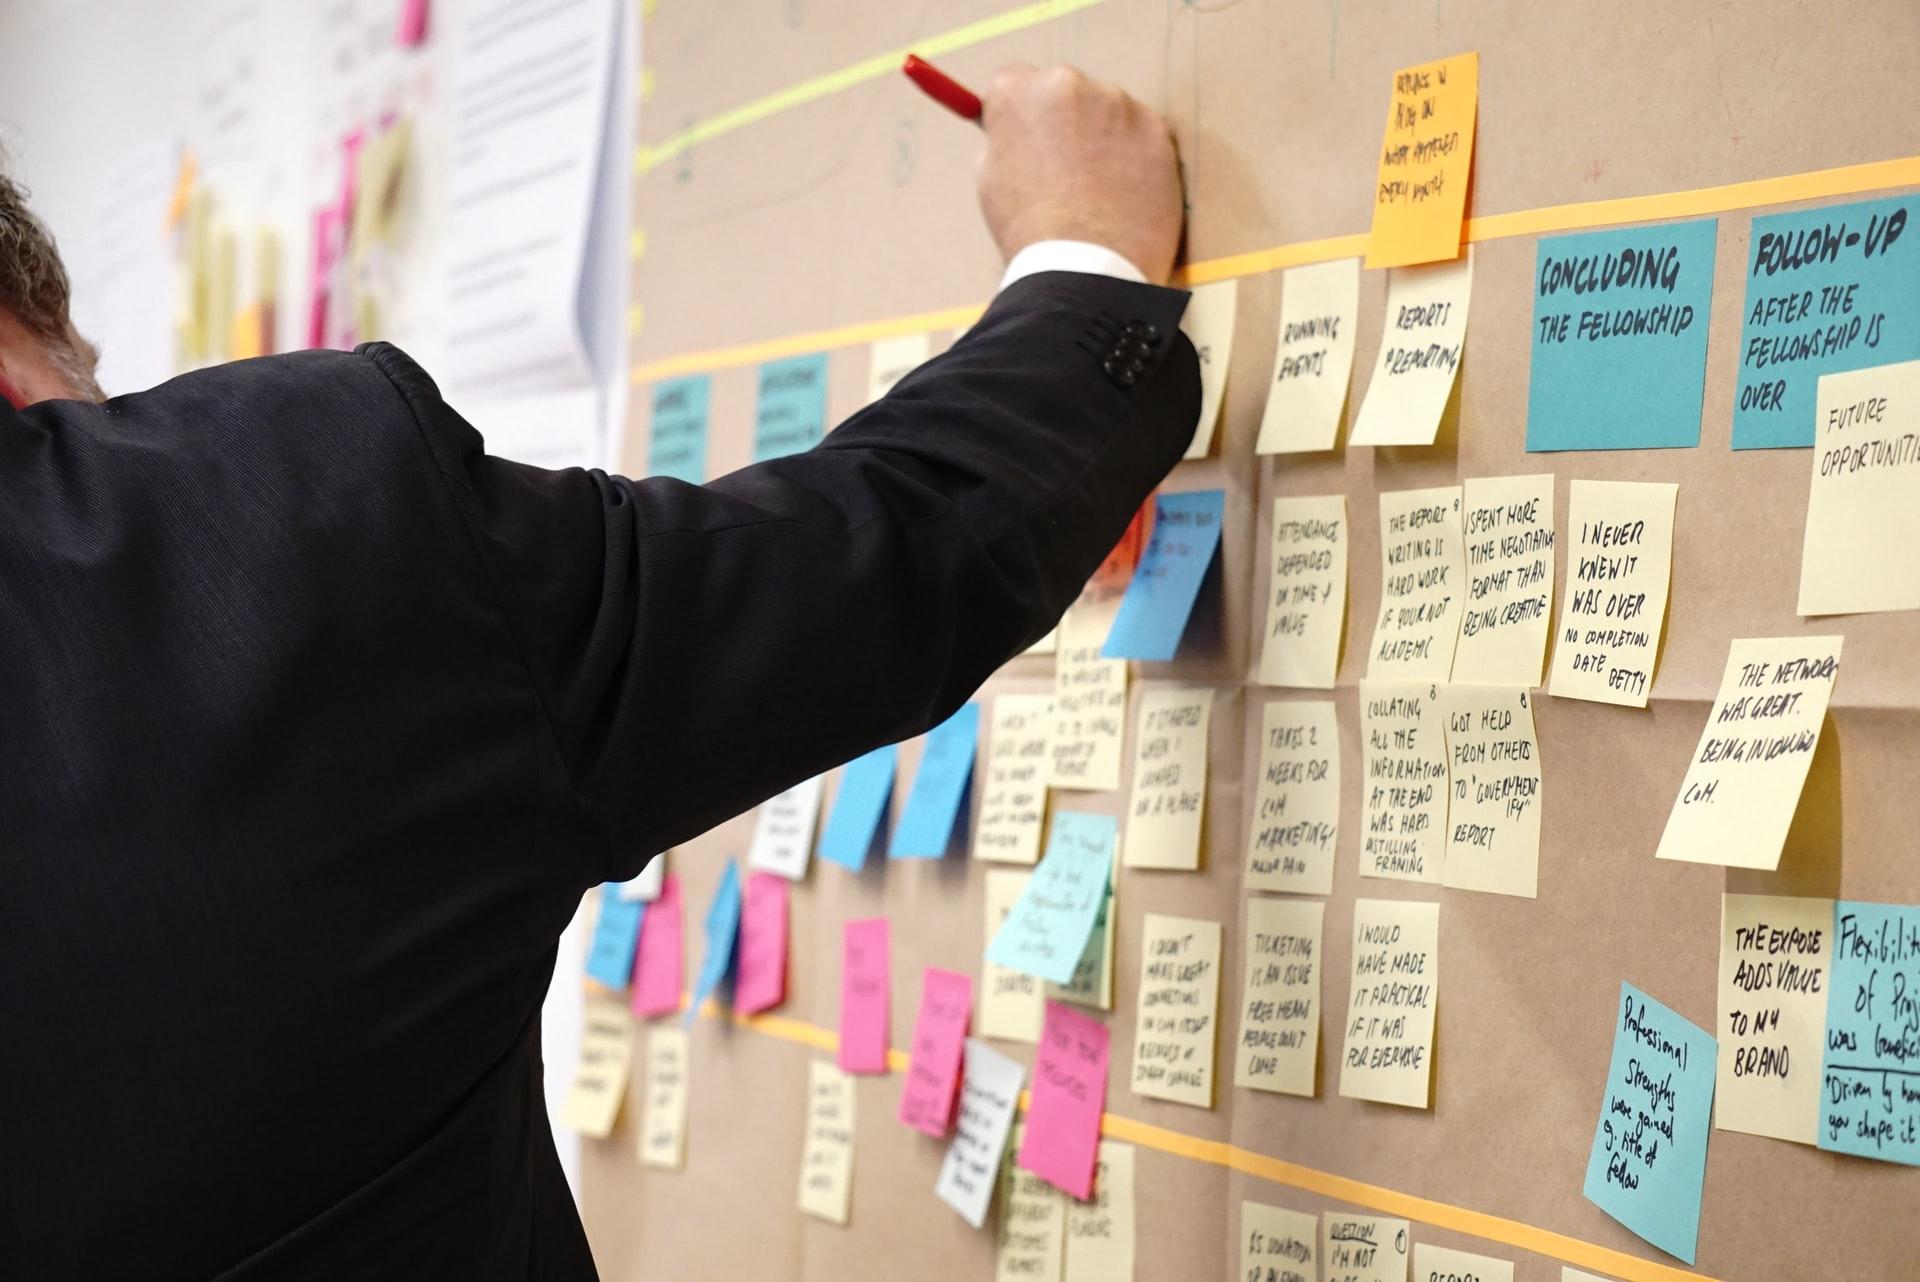 JAIME ARANDA emprendimiento startup innovacion formacion eventos consultor coworking sevilla 009